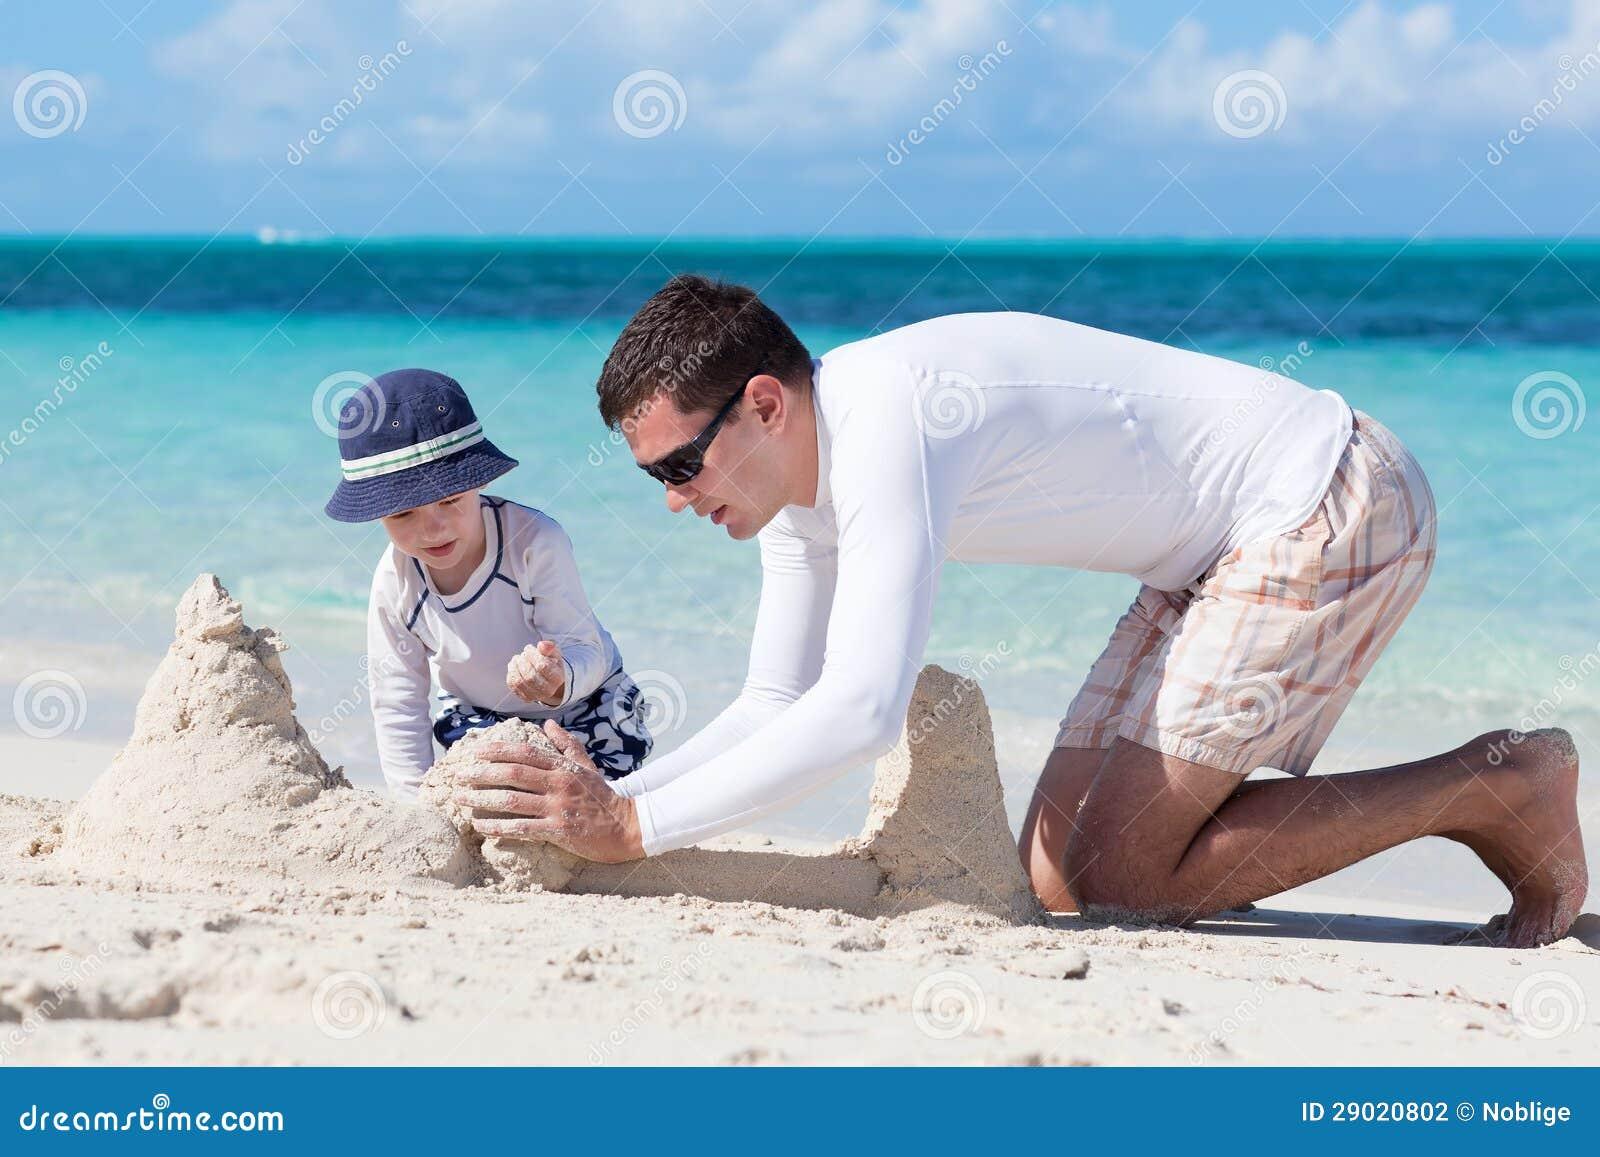 Sandcastletid!